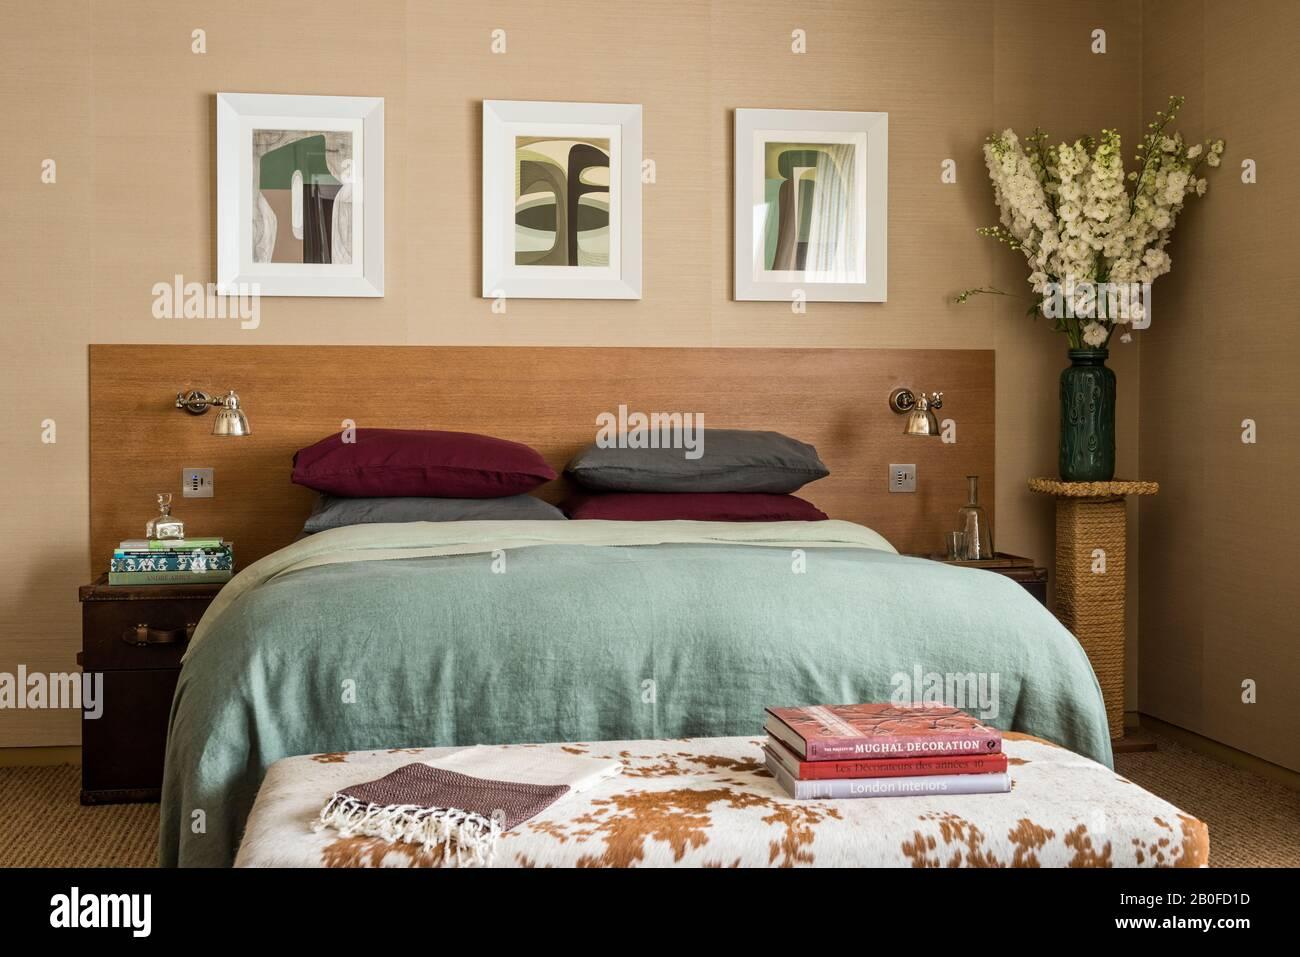 Arte moderno sobre la cama doble con manta verde claro y libros sobre el taburete de la footfootfool de cowhide. Foto de stock